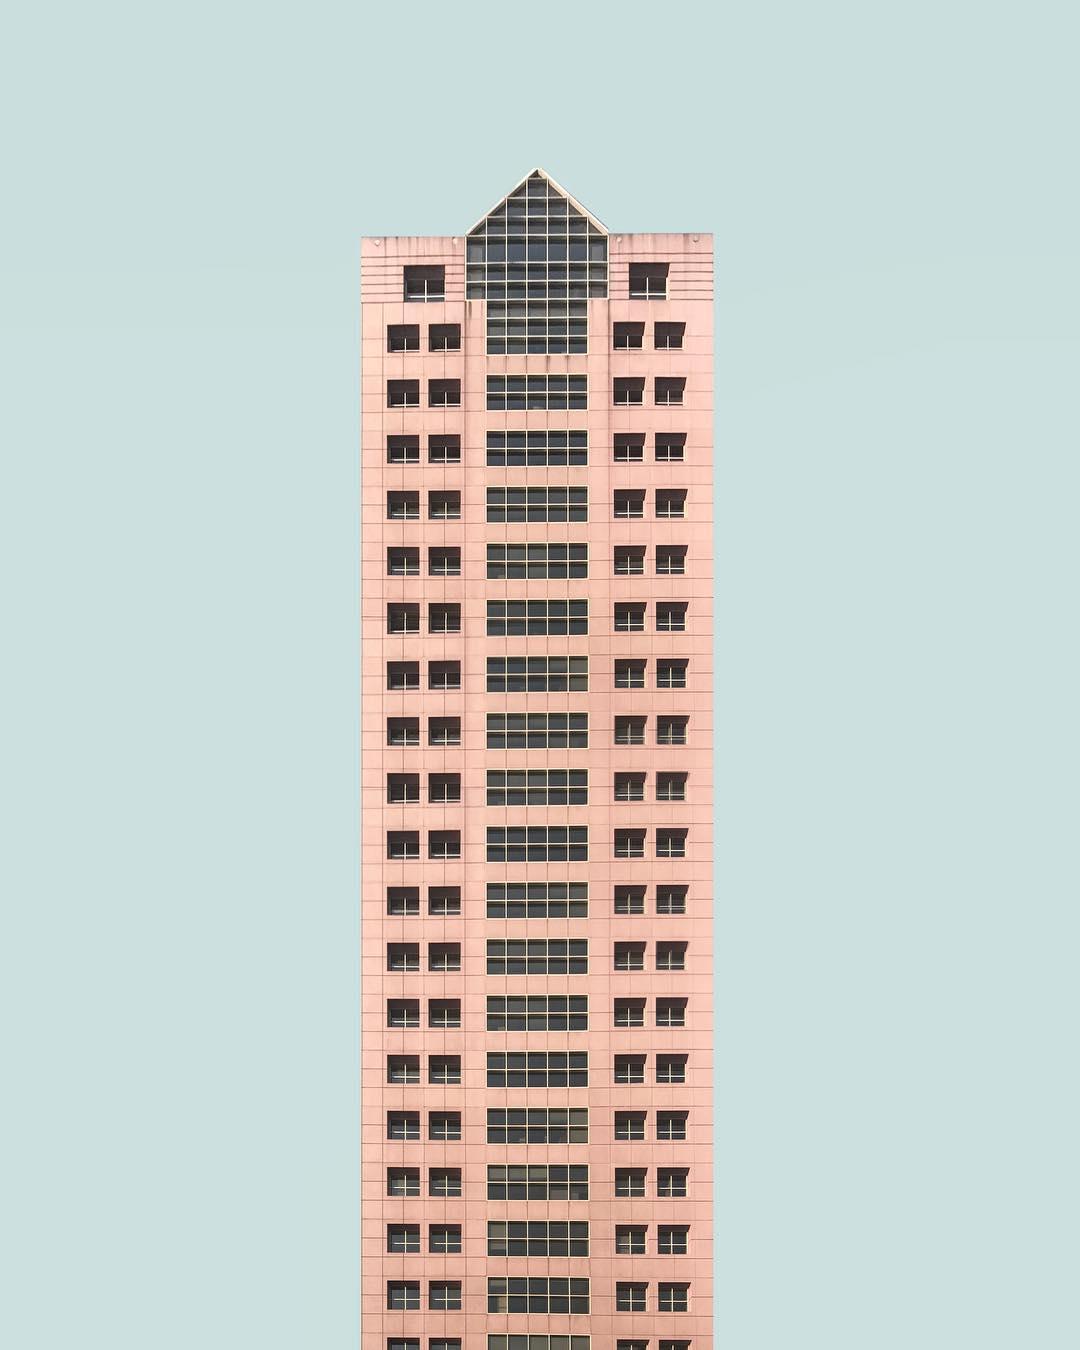 Le folli architetture di Eric Randall Morris | Collater.al 6